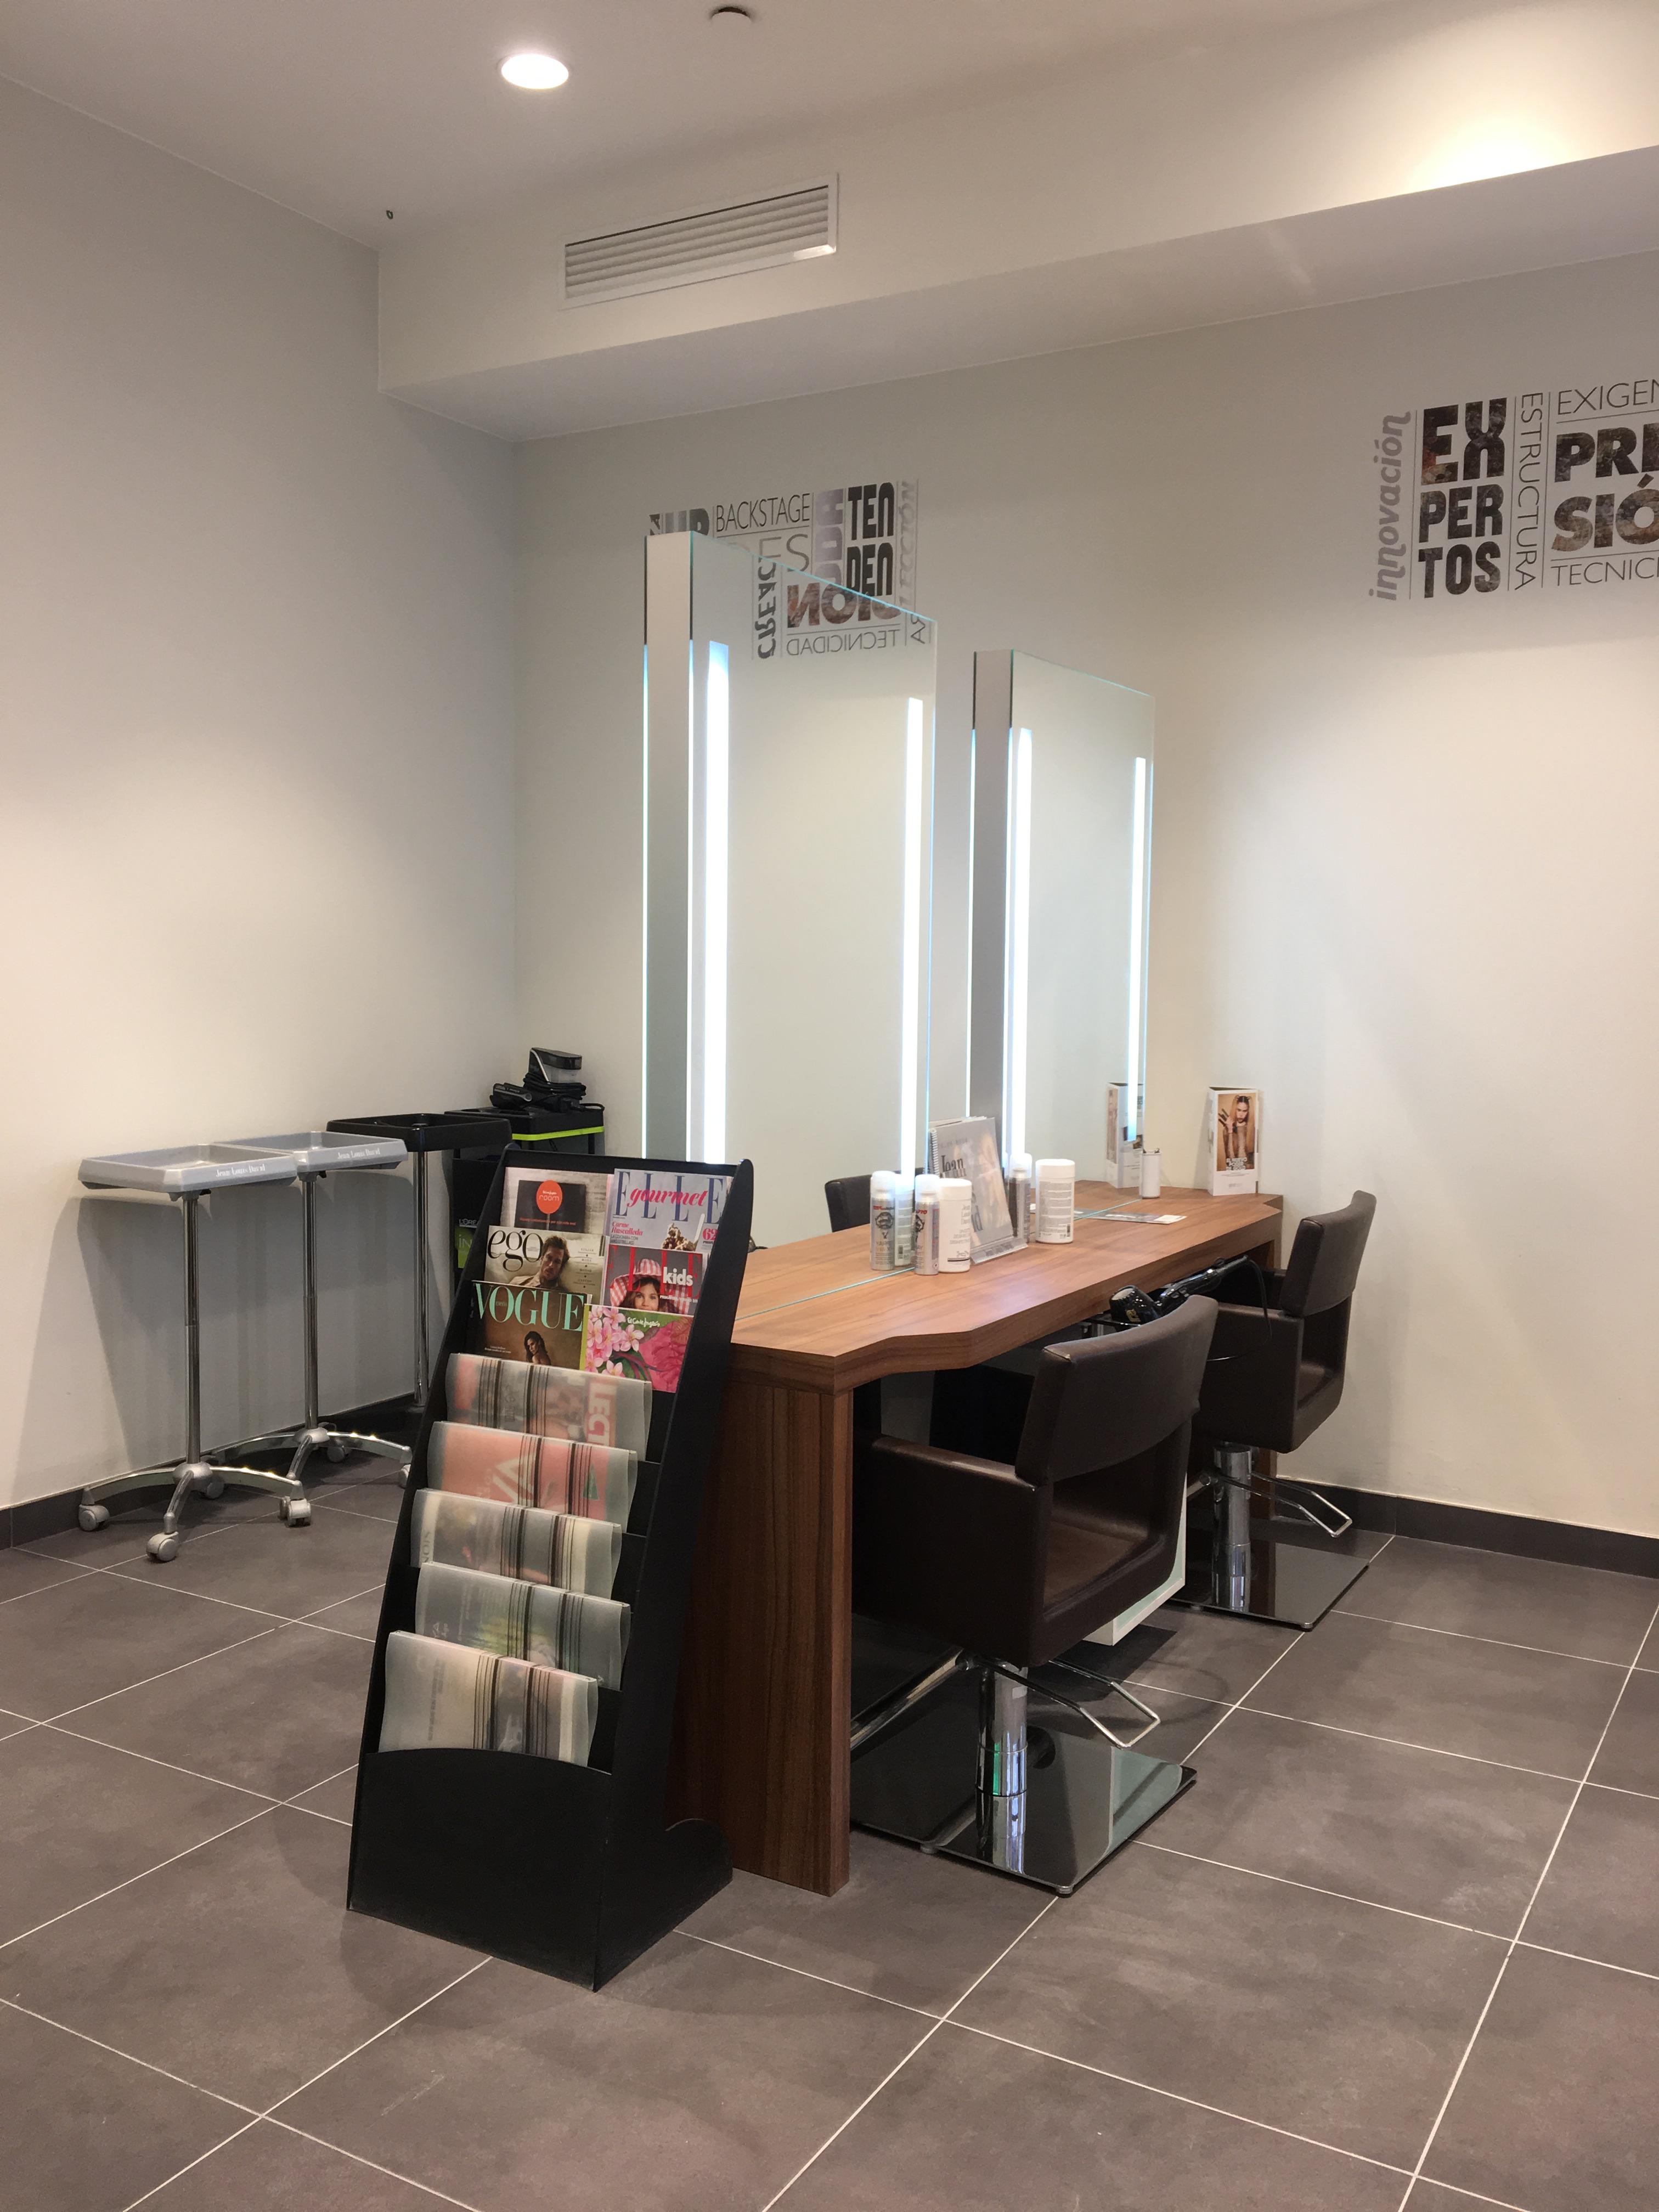 Salones de peluquería Cornellà de Llobregat